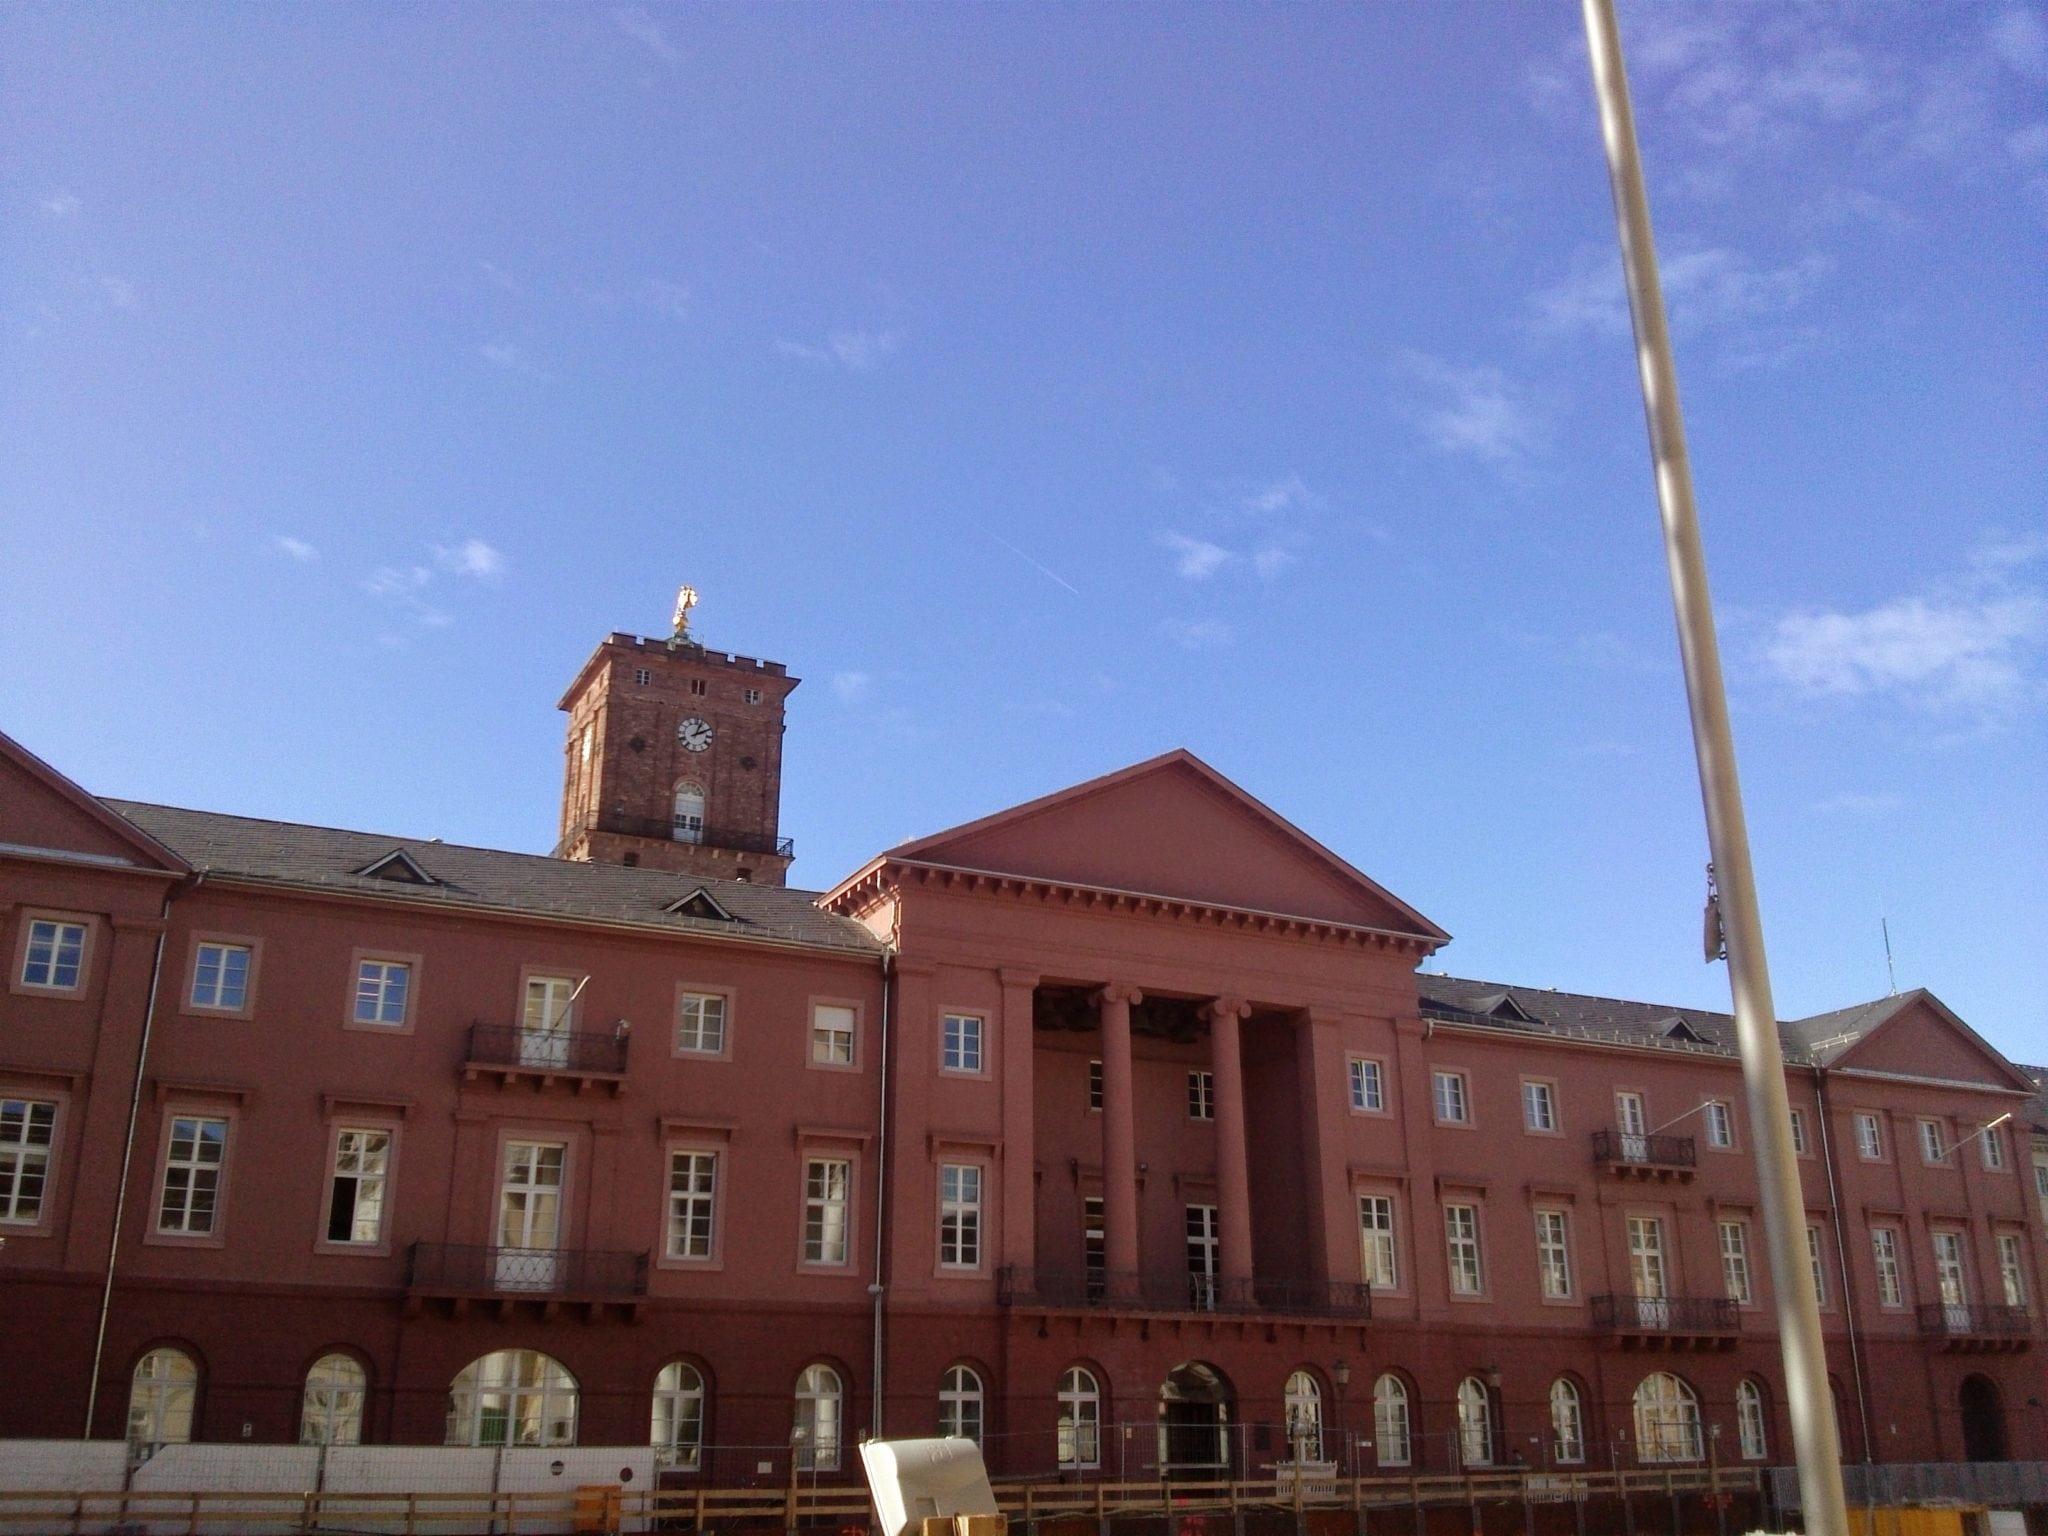 Wir begrüßen Vorstoß zur Belebung des Rathauses